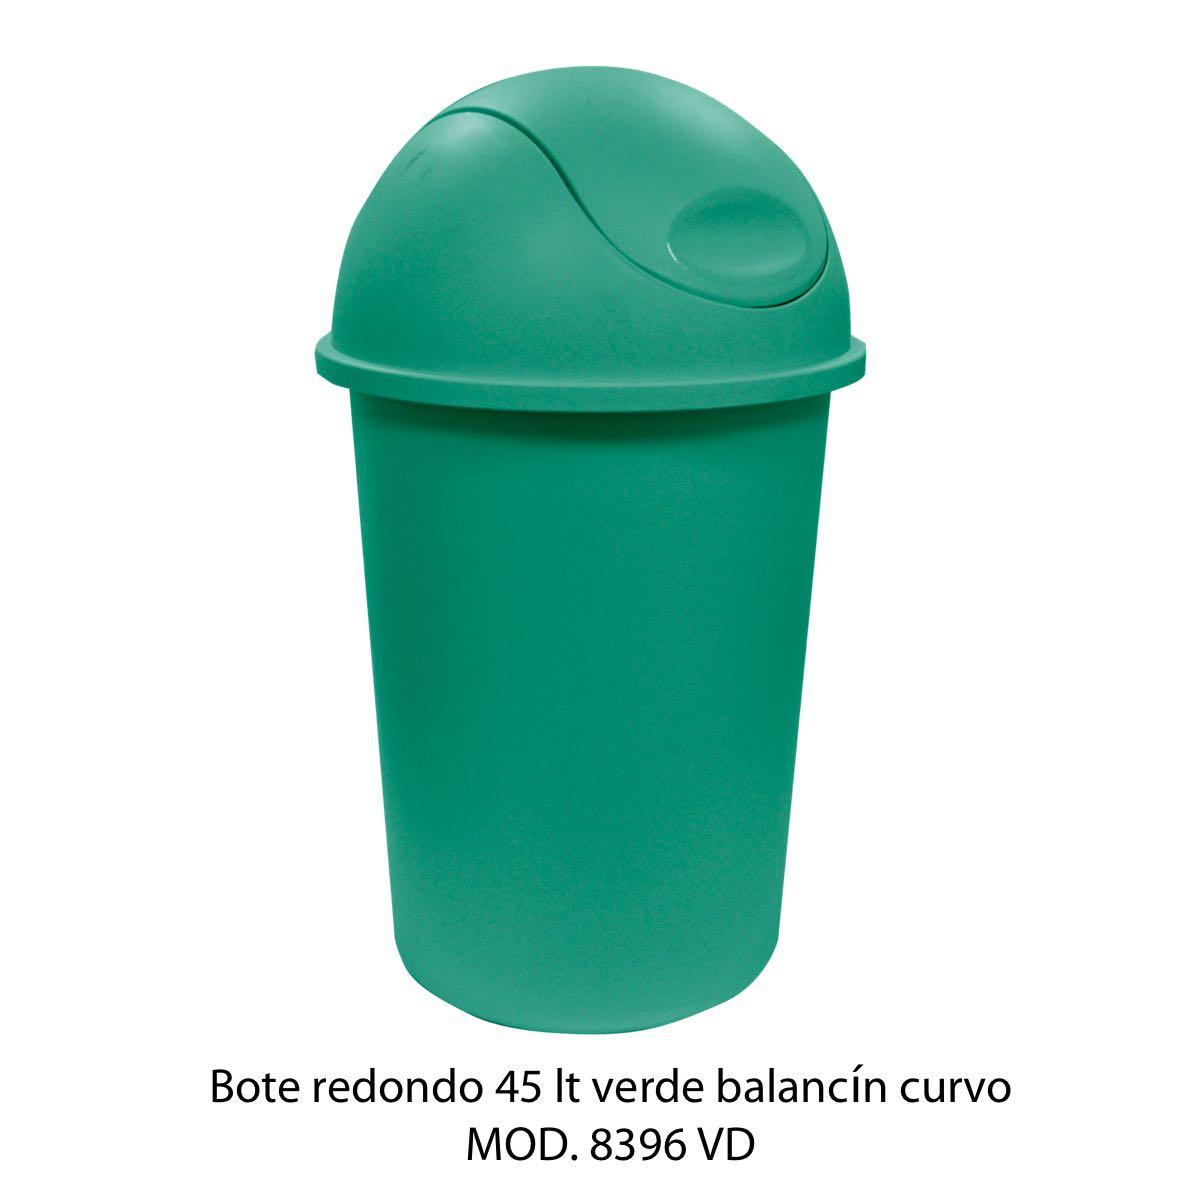 Bote de basura redondo de 45 litros con balancín curvo color verde modelo 8396 VD - Sablón